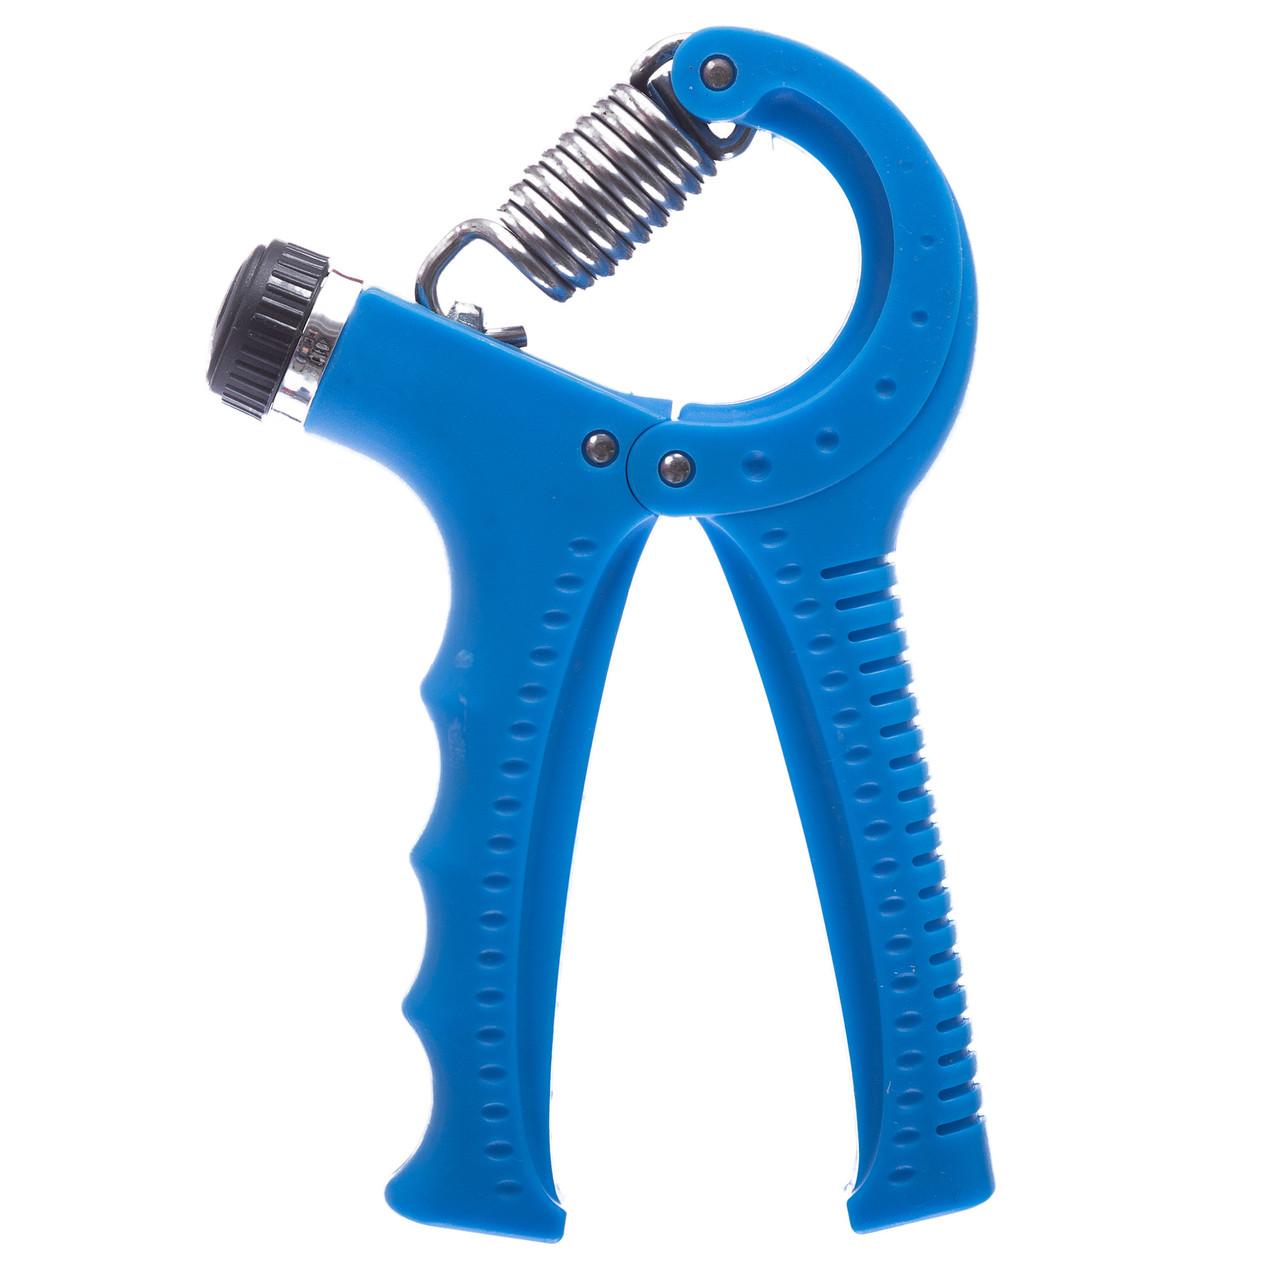 Эспандер кистевой пружинный с регулируемой нагрузкой 10-40кг (1шт) (металл, пластик, цвета в ассортименте)